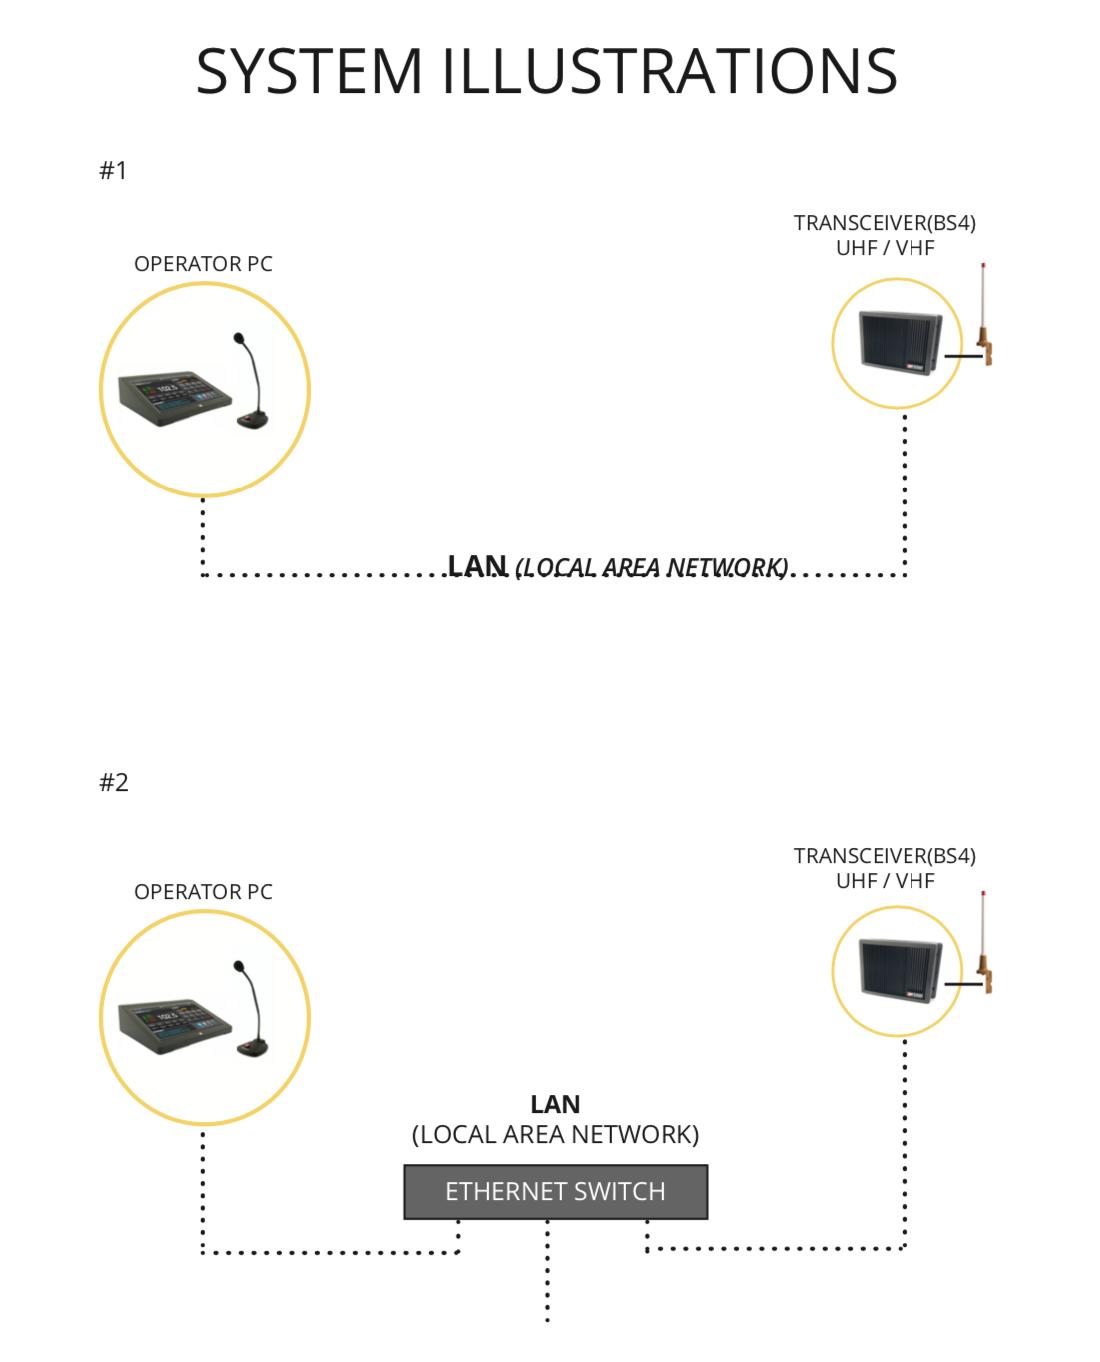 ROIP LAN example